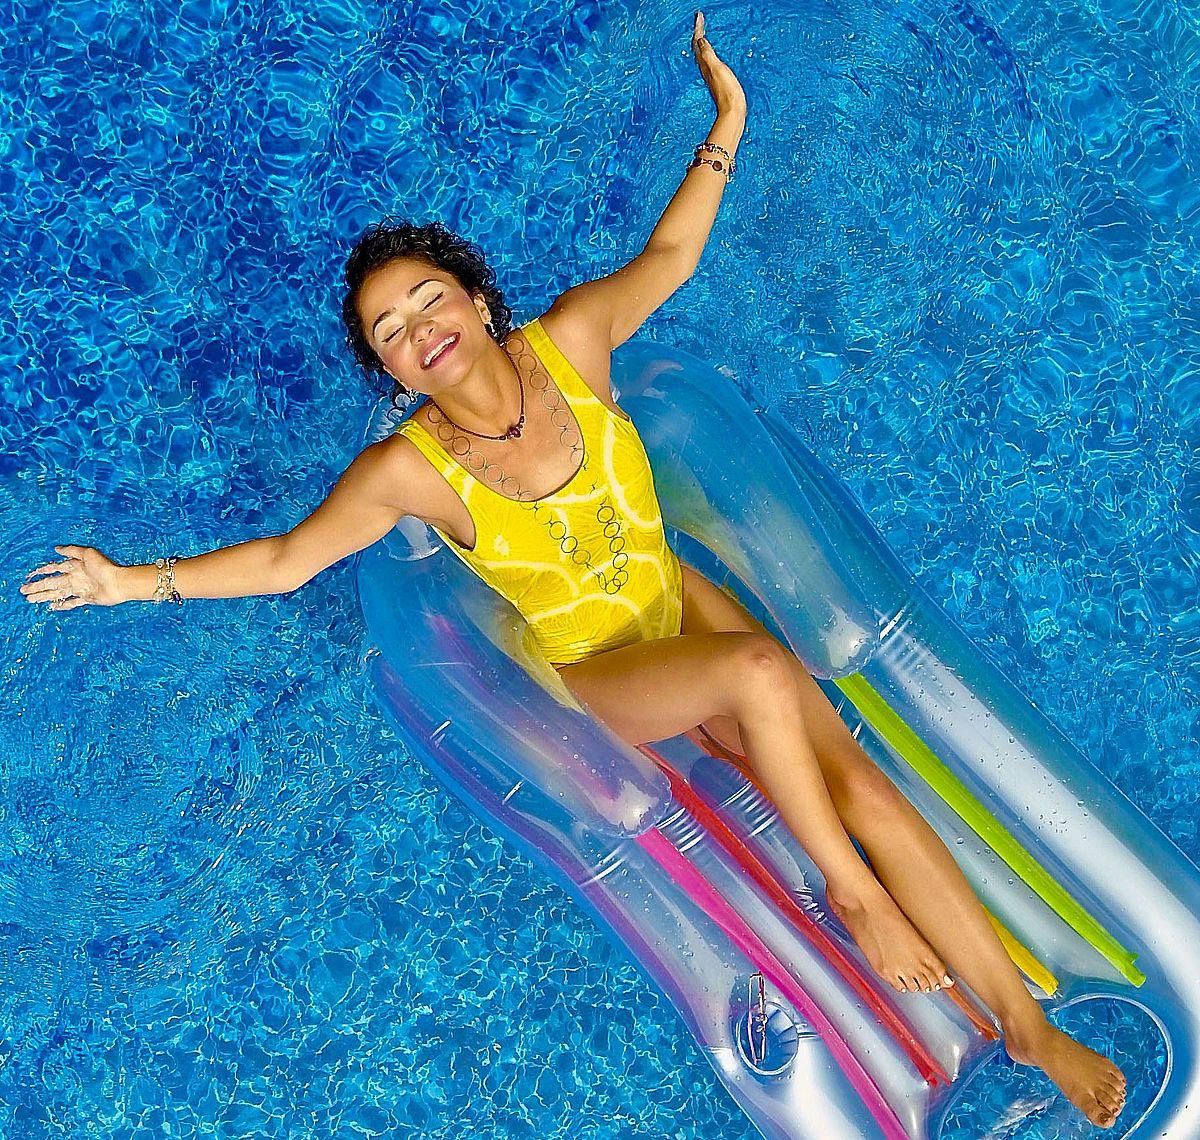 Schöne Füße und Beine sind für einen sexy Auftritt am Pool super-wichtig.